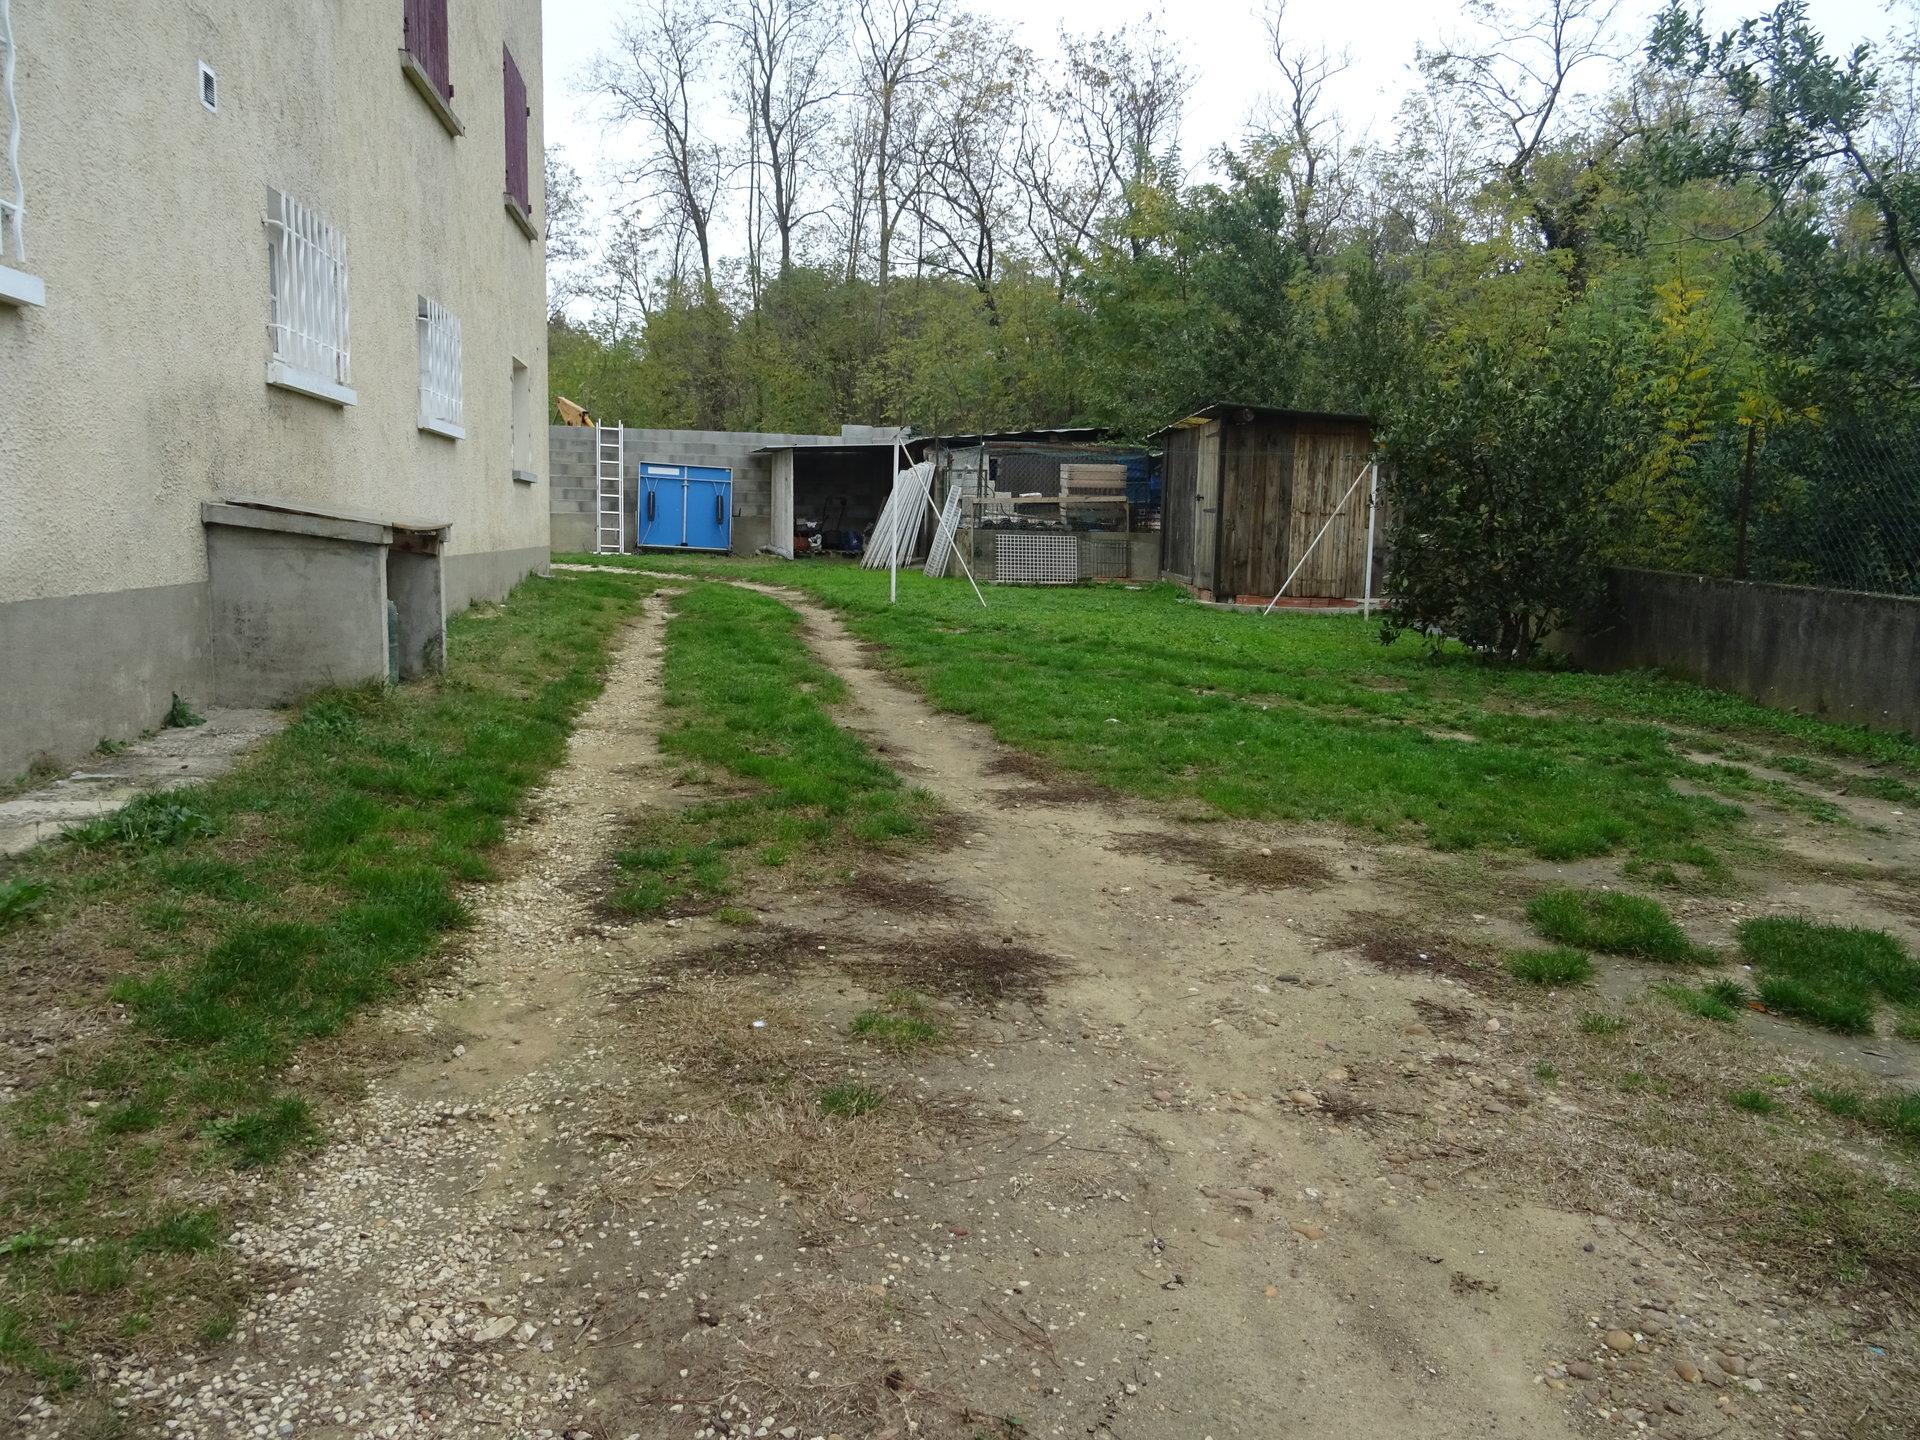 Maison 2 habitations 230 m² sur 1000m²